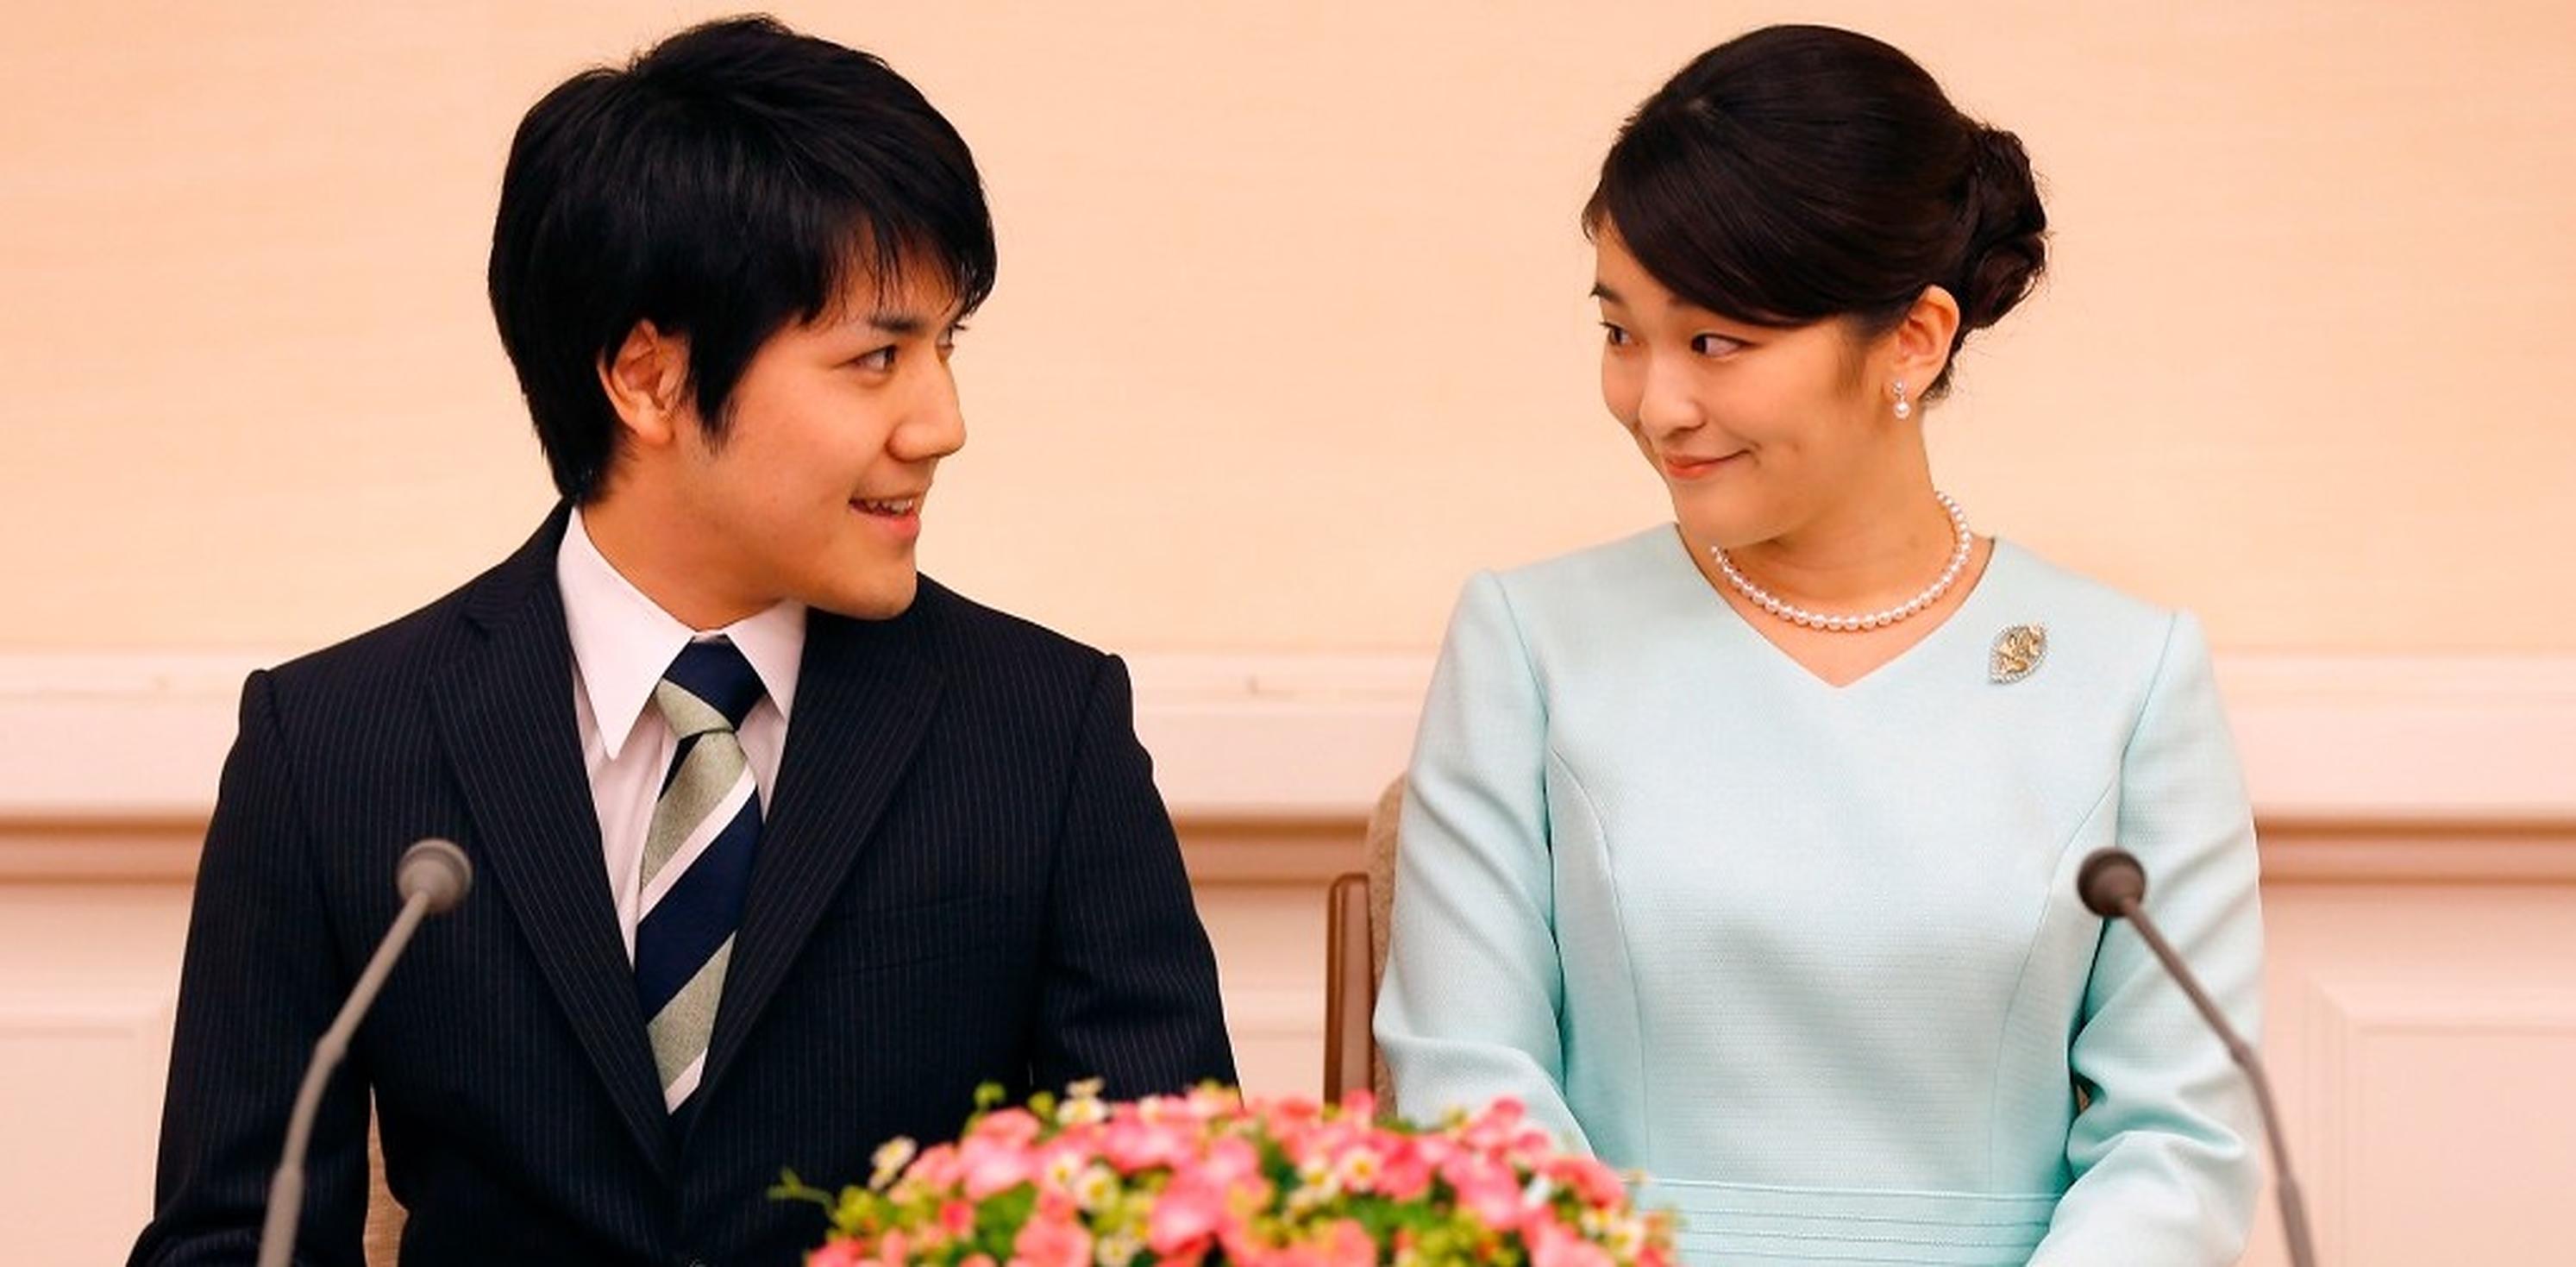 Prințesa Mako a Japoniei renunță la indemnizația de 1,35 milioane de dolari pentru a se căsători cu un cetățean de rând